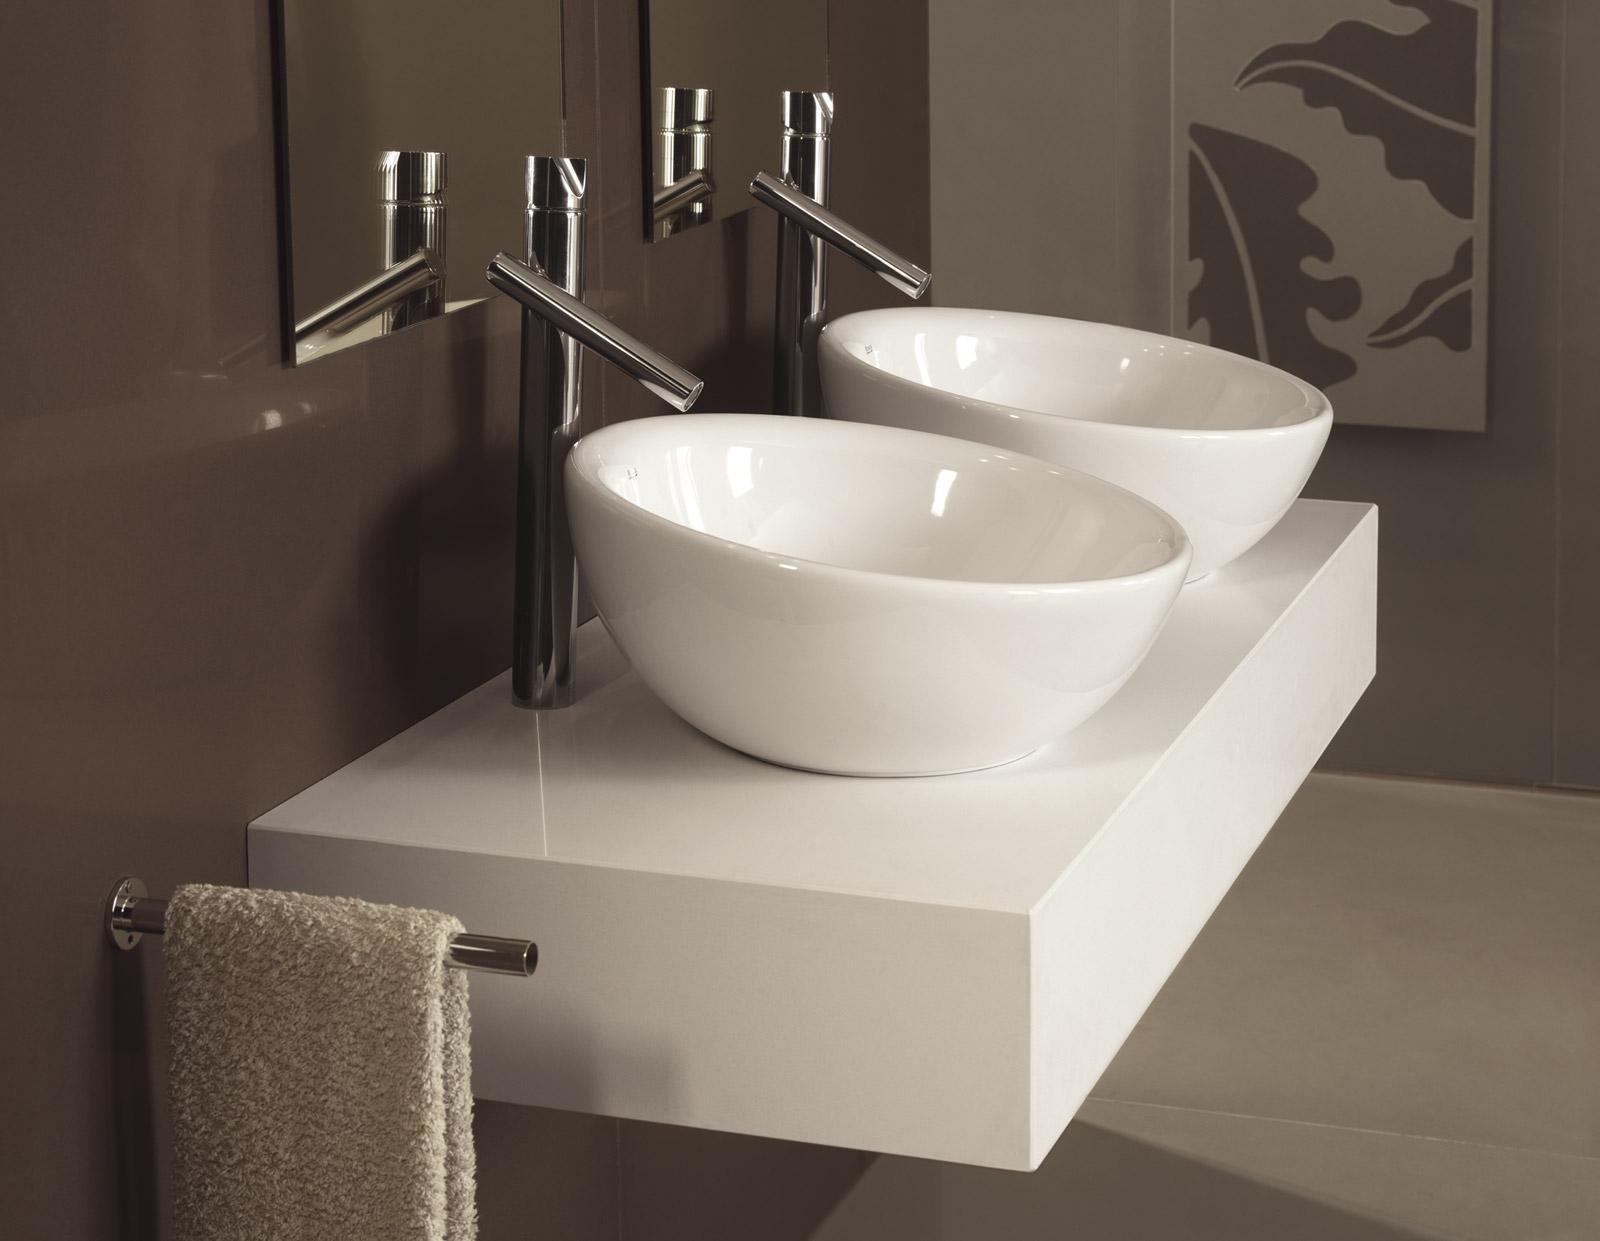 Cocinas puertas armarios y vestidores - Encimeras de cristal para lavabos ...